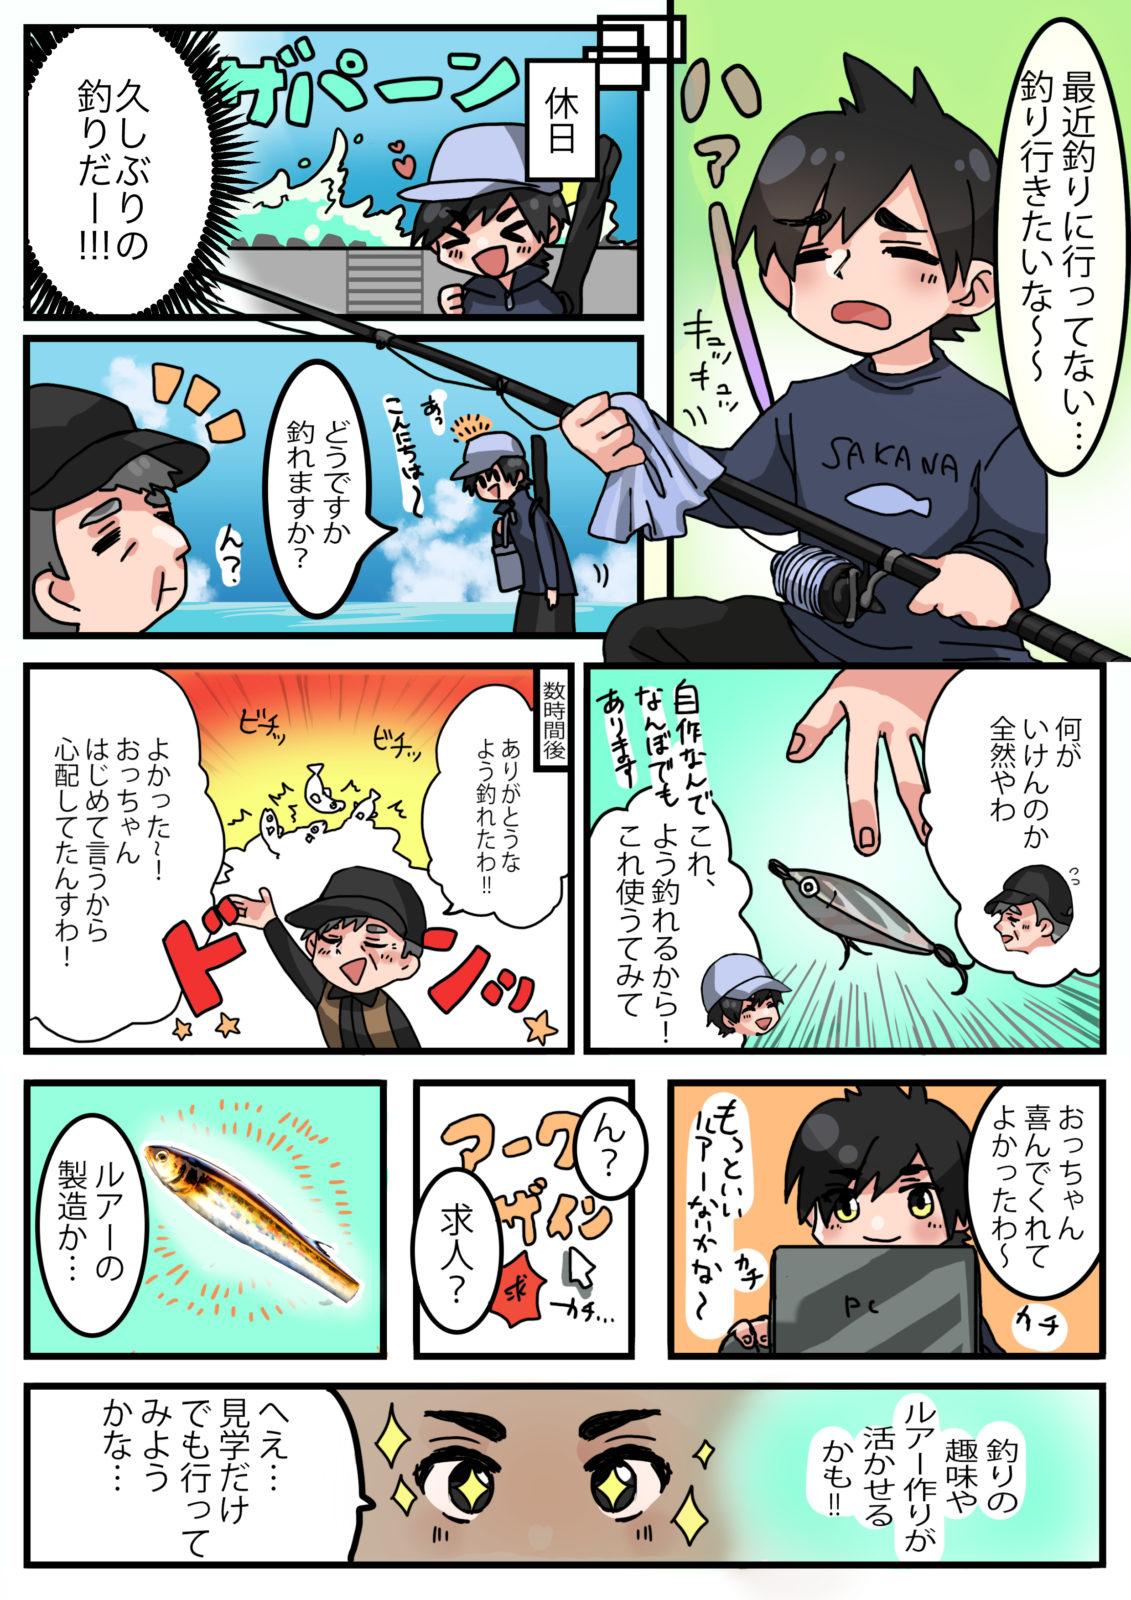 アークデザイン様 求人広告完成漫画_修正_1 (2)